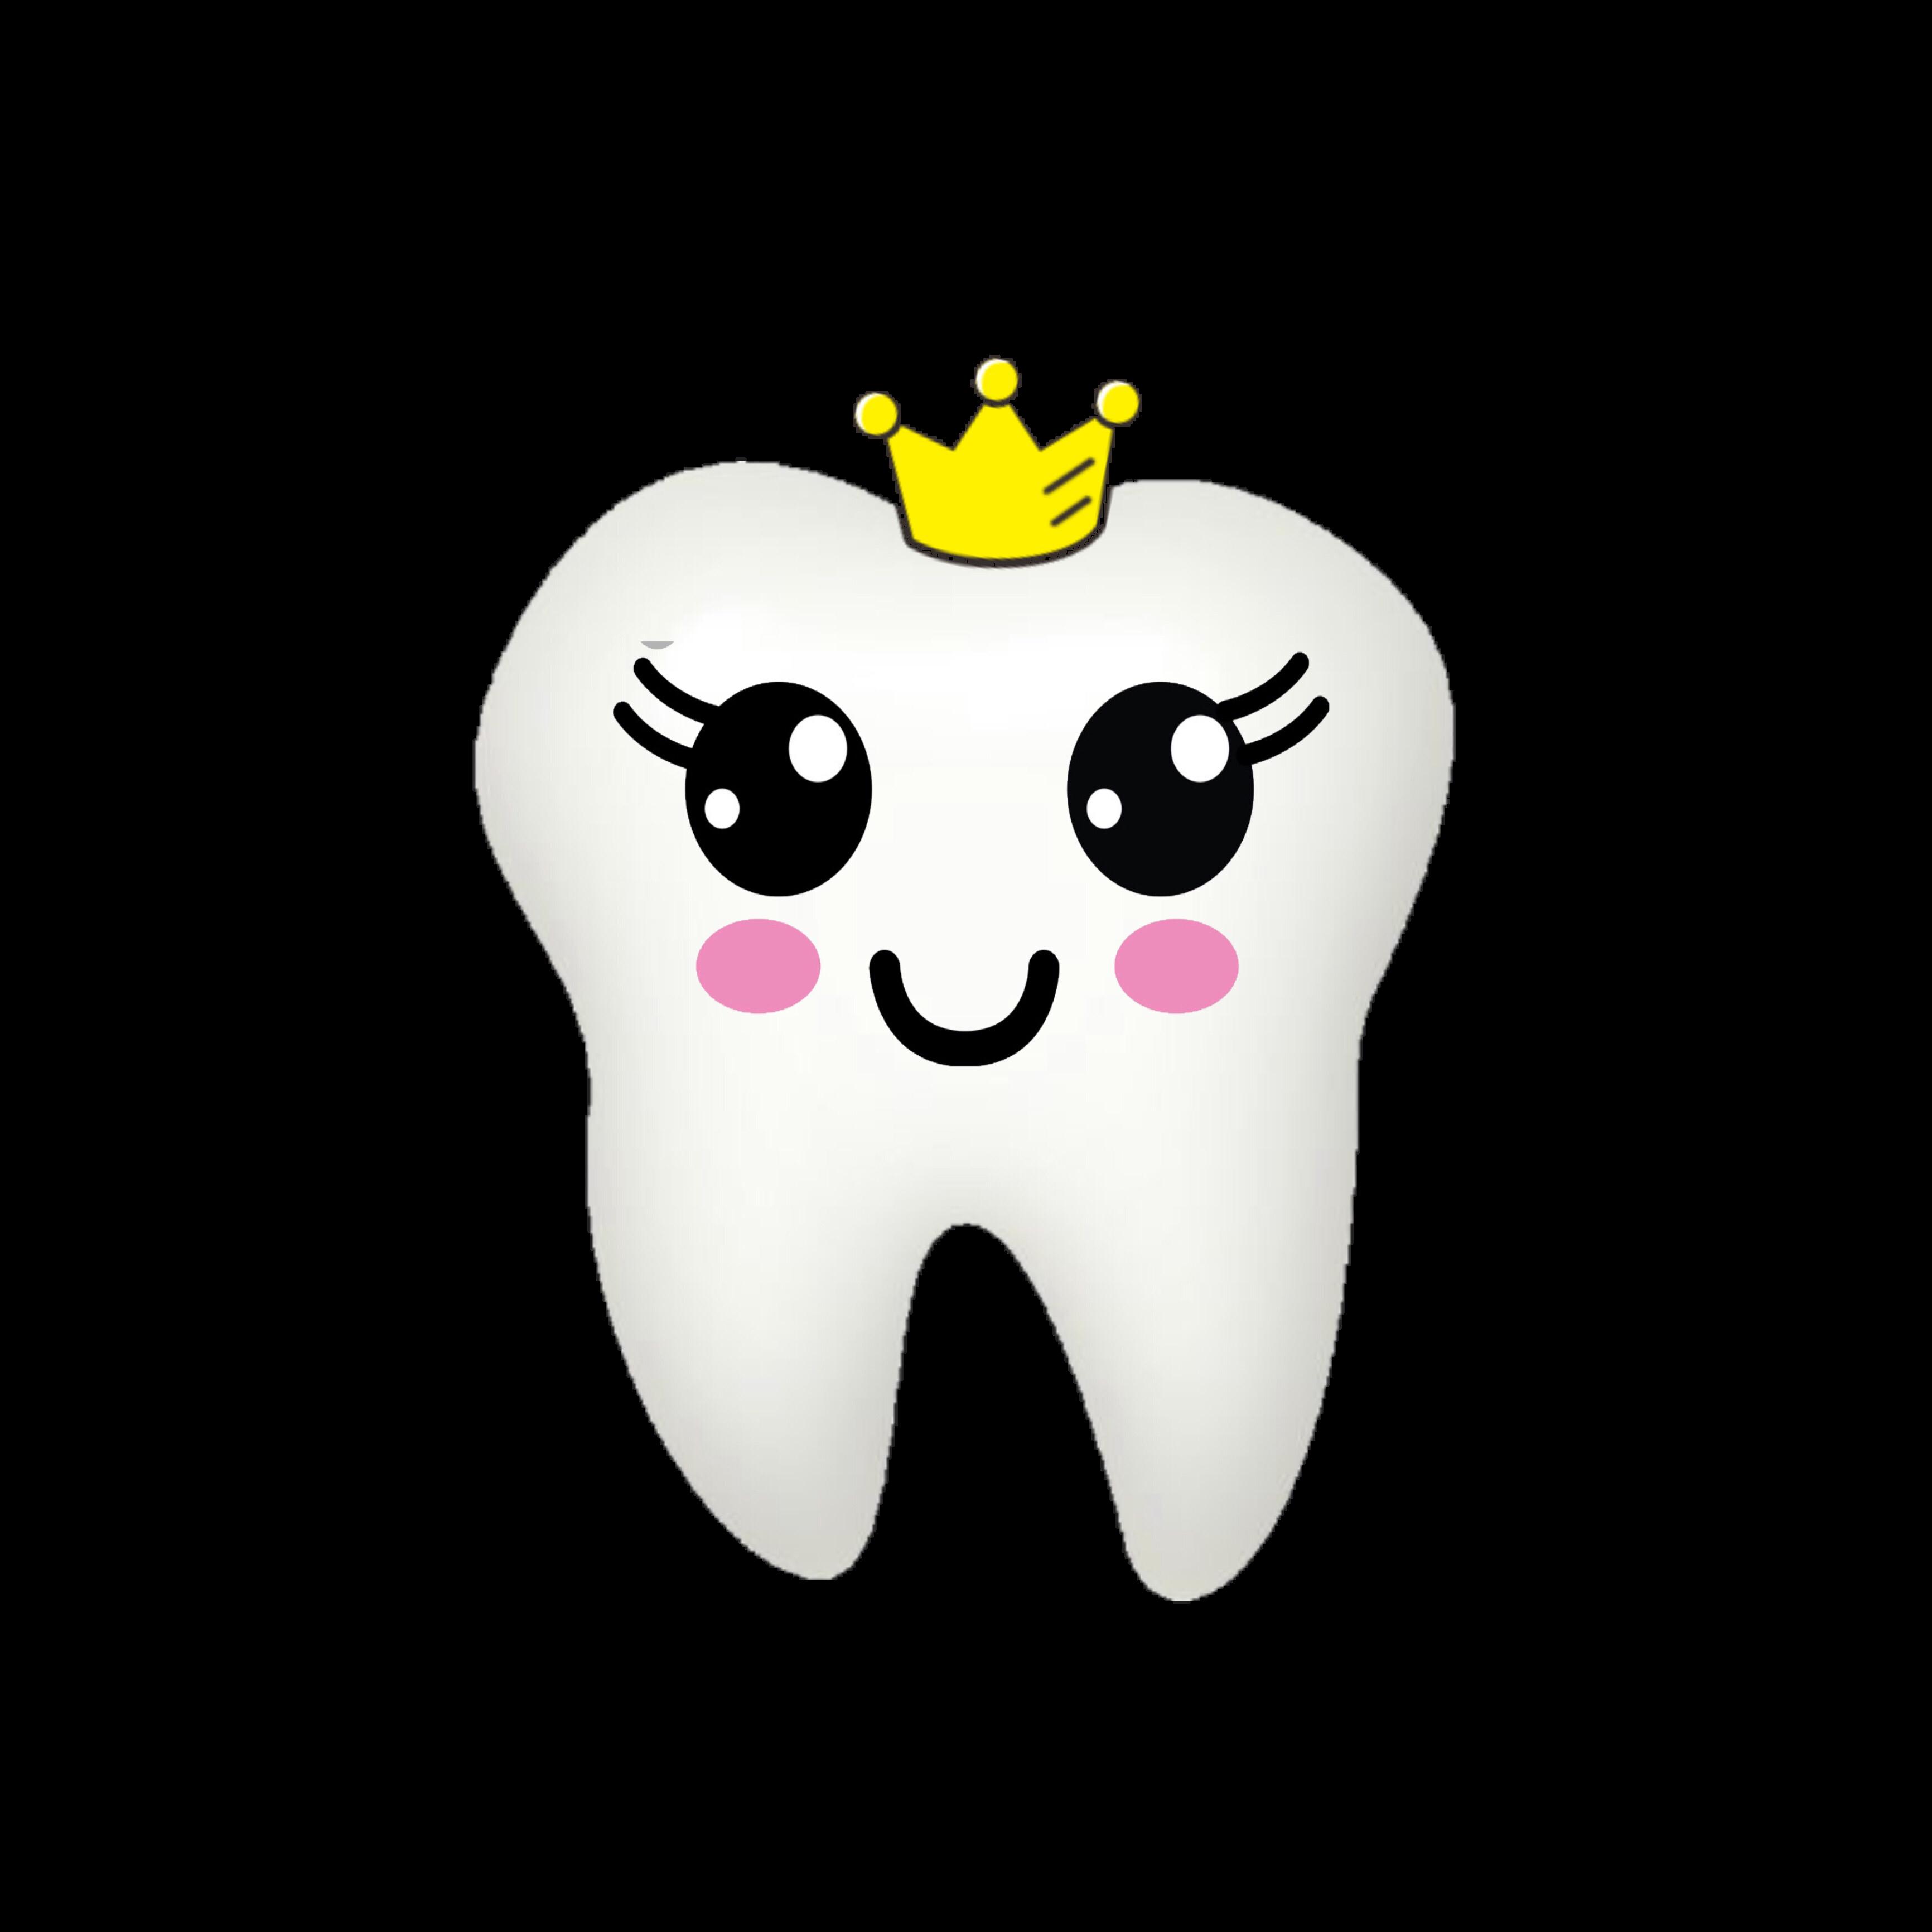 Pin de So__9q em Dentist Odontologia desenho